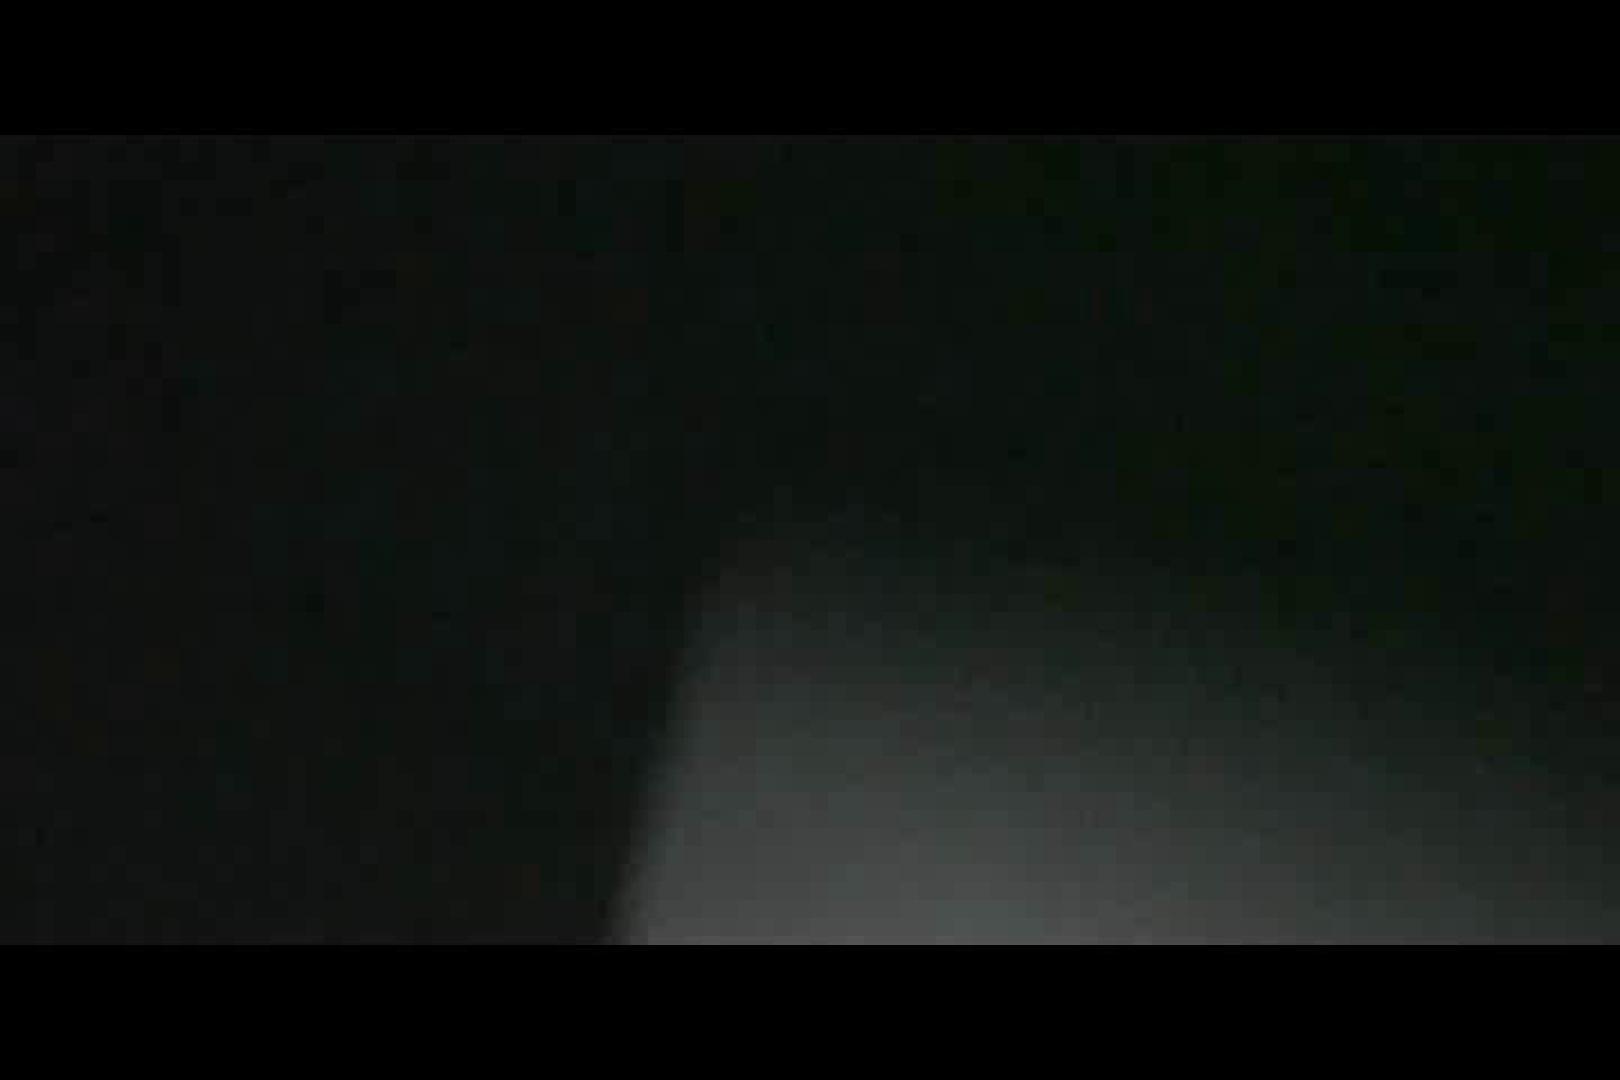 独占配信!無修正! 看護女子寮 vol.05 ナース丸裸 | 盗撮師作品  86pic 19